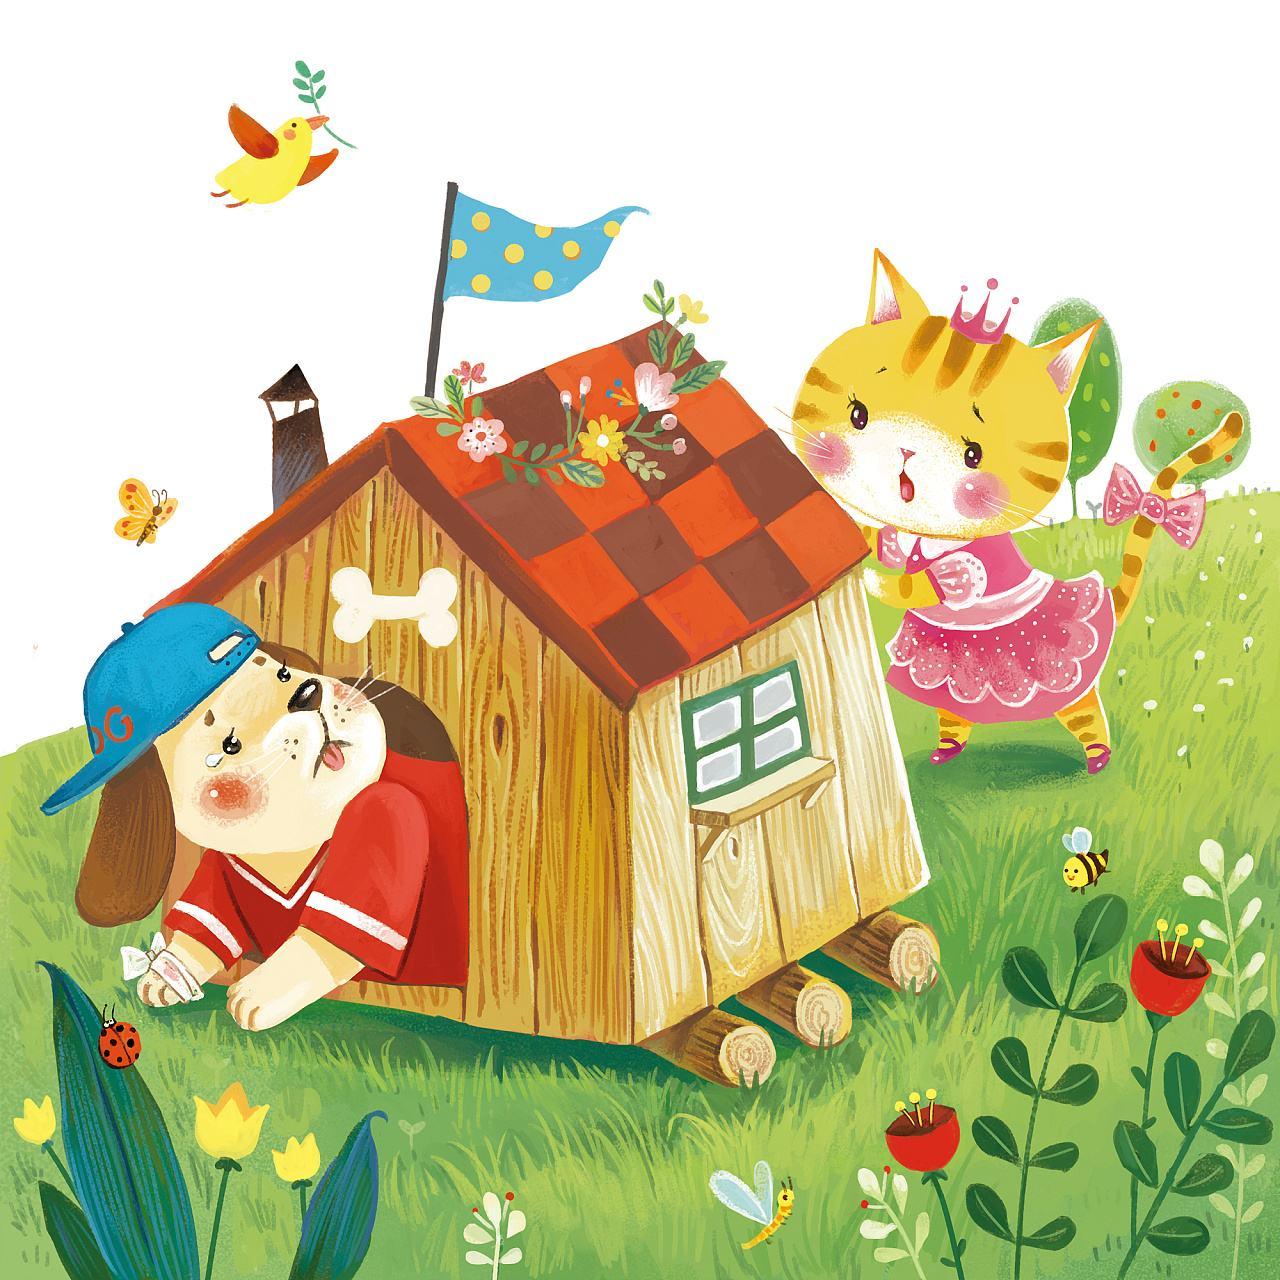 小狗的小房子